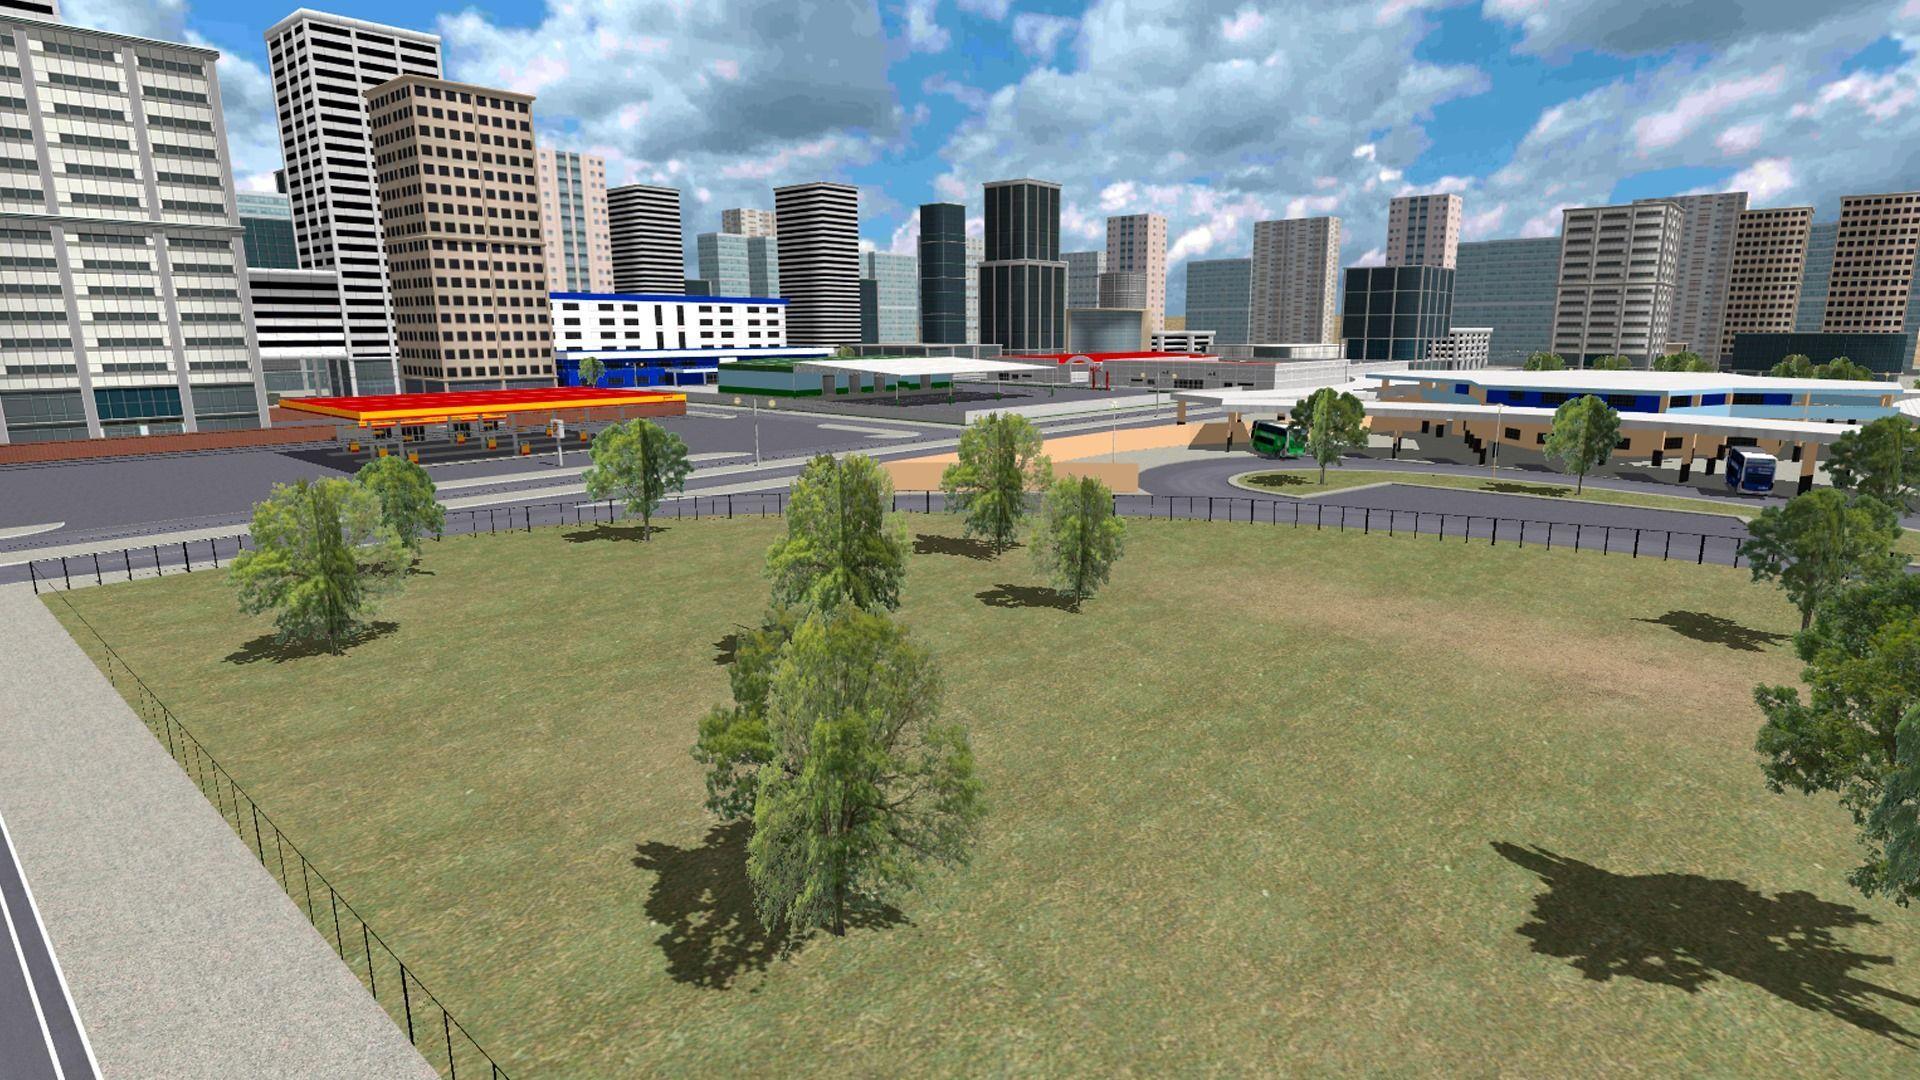 Atualização World Truck Driving Simulator: Expansão do mapa finalmente chegou ao nordeste!